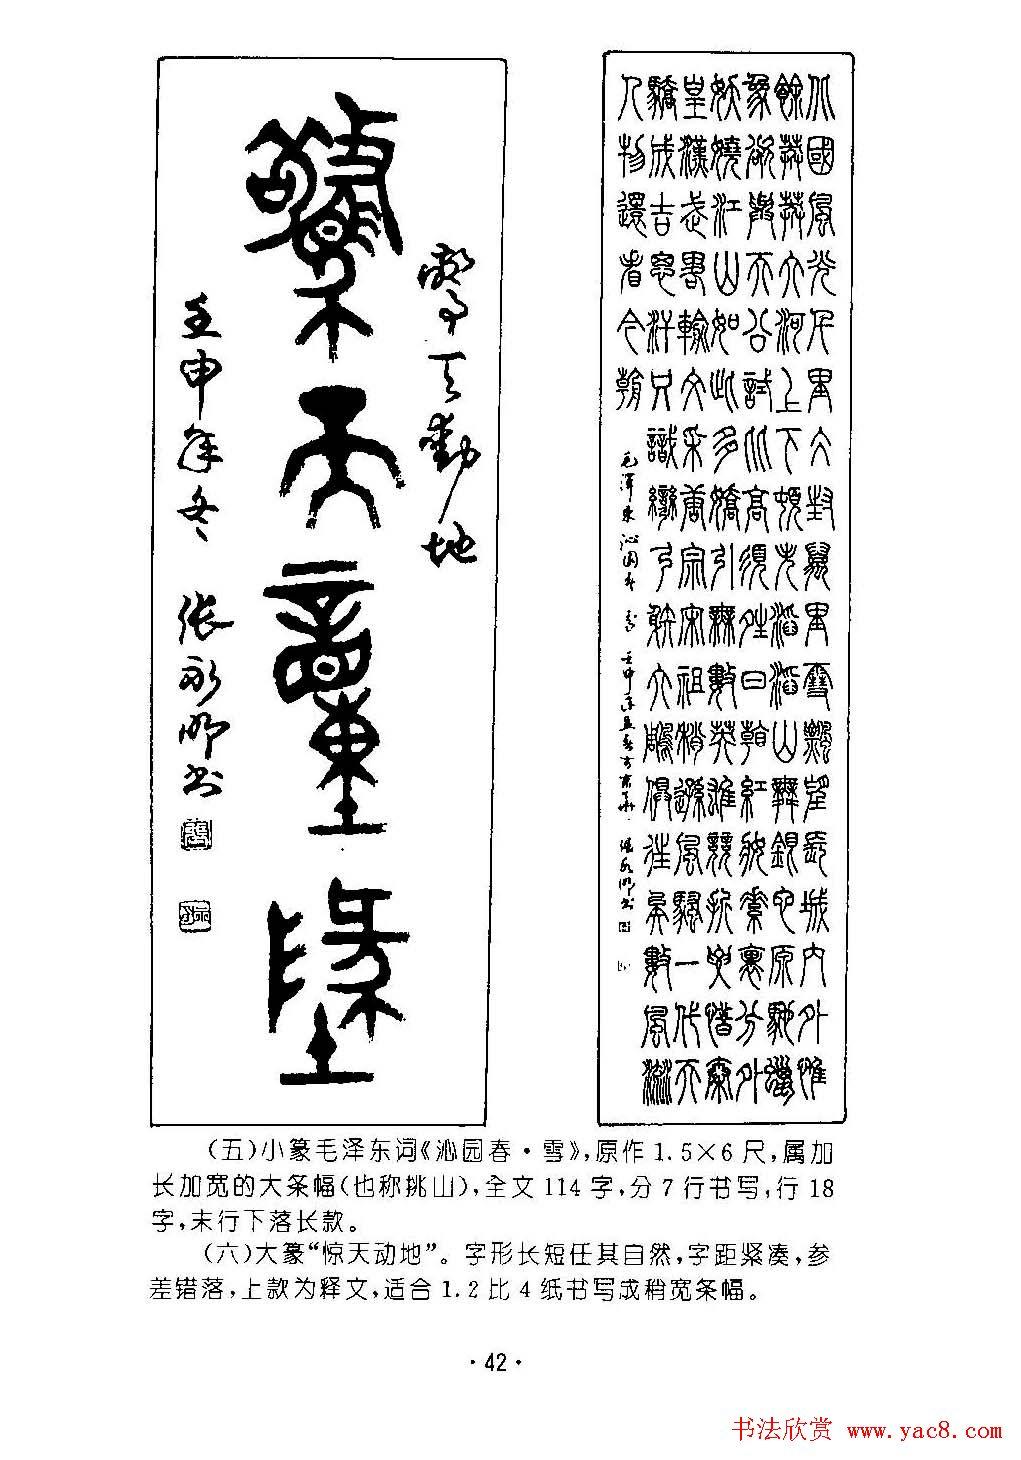 张永明字帖 篆书章法 条幅与长卷篇 第3页 篆书字帖 书法欣赏